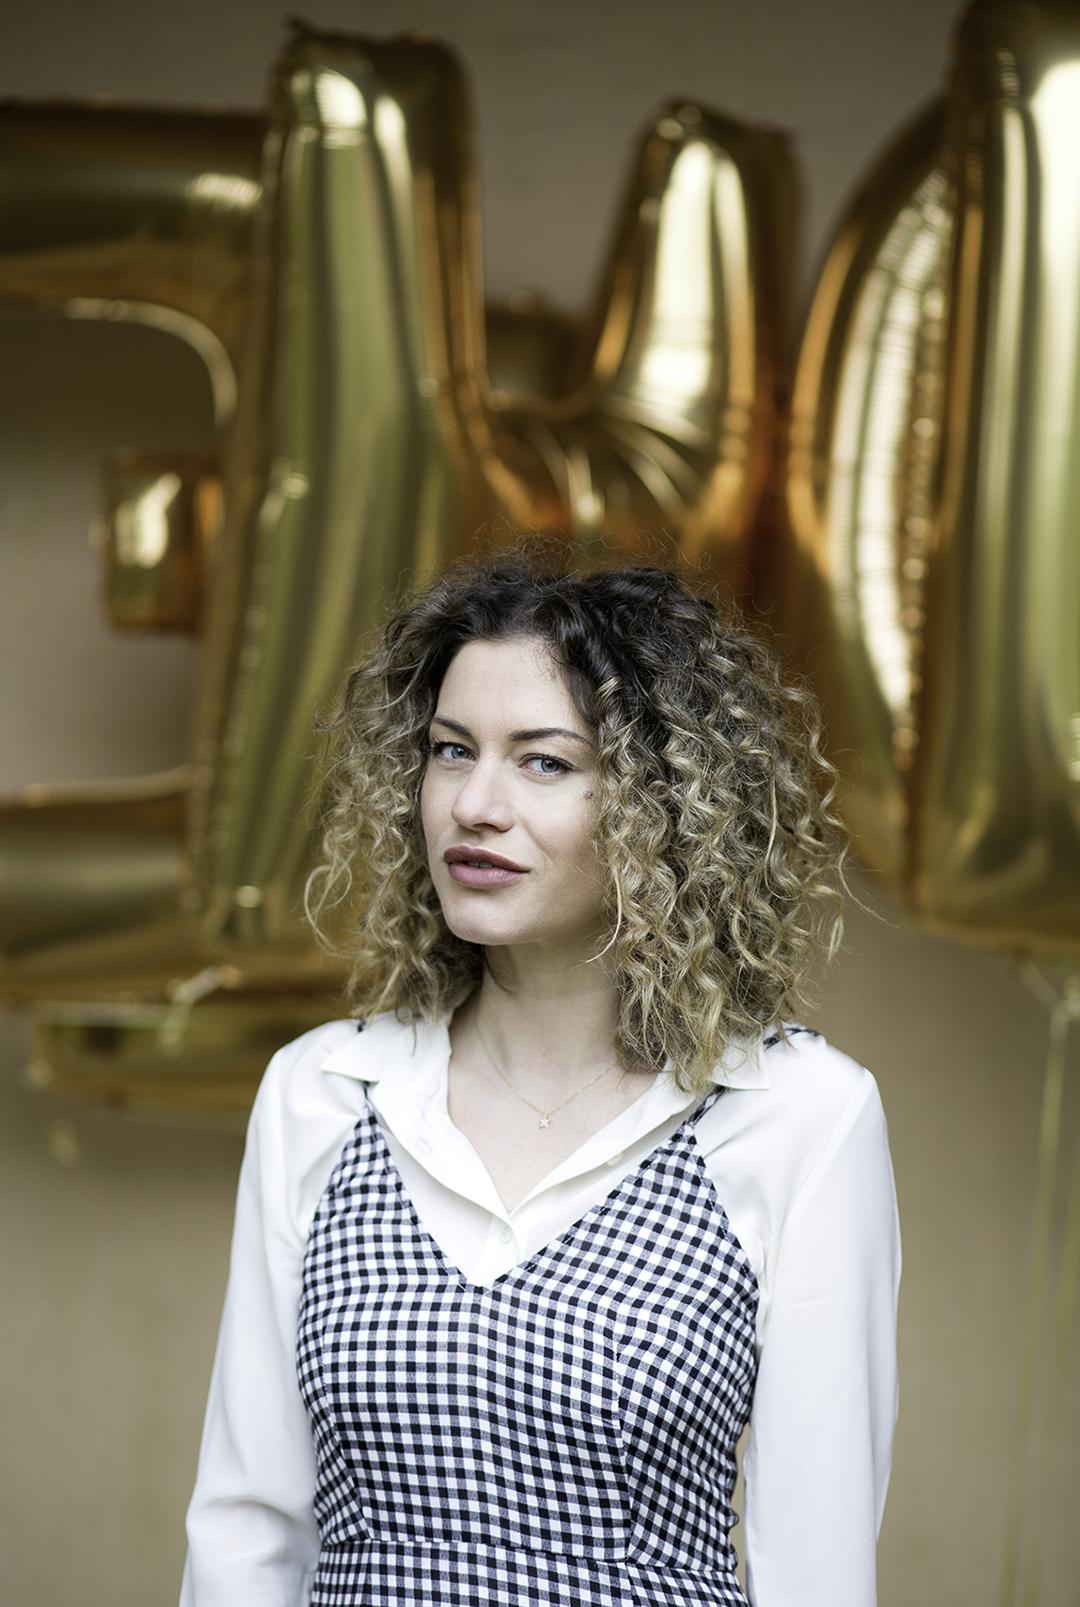 Tania Hergenhan